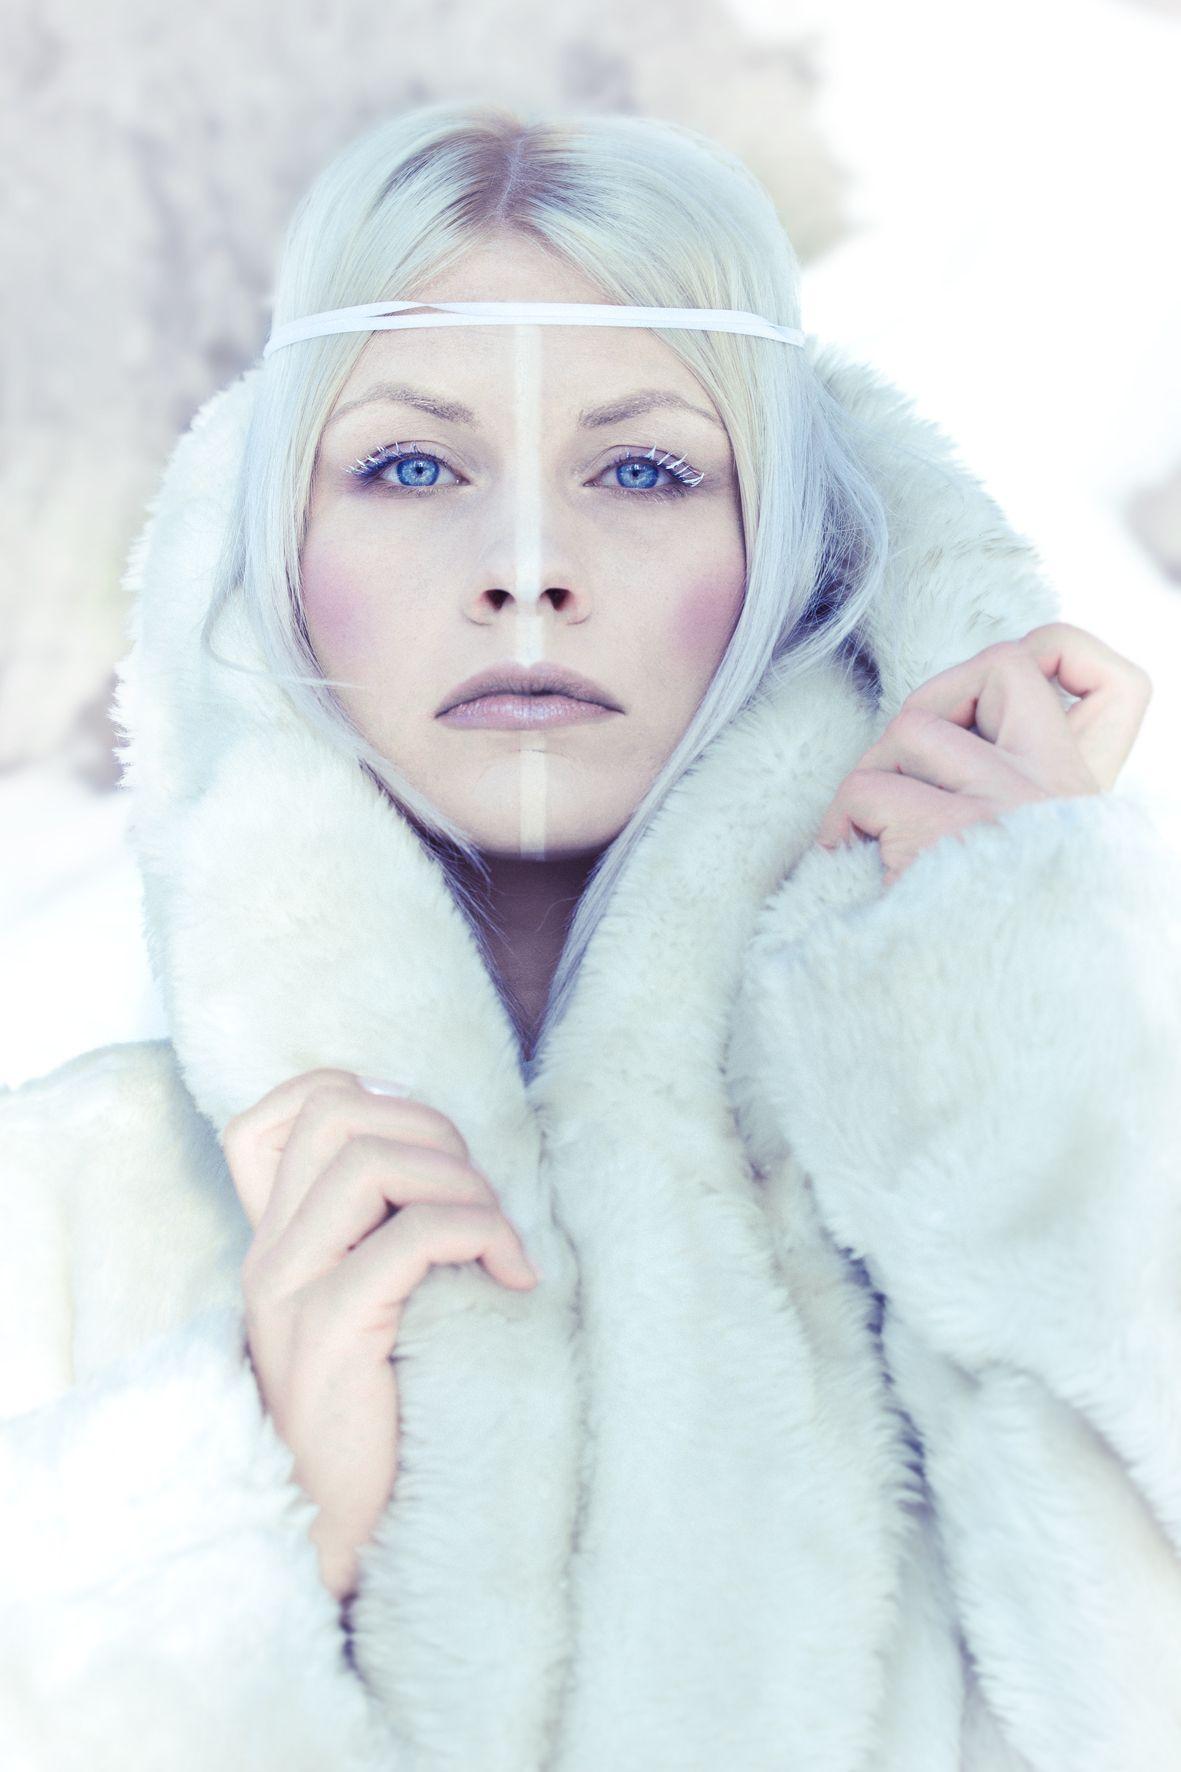 snow queen david wanka catch cold pinterest kost m die schneek nigin und schneek nigin. Black Bedroom Furniture Sets. Home Design Ideas